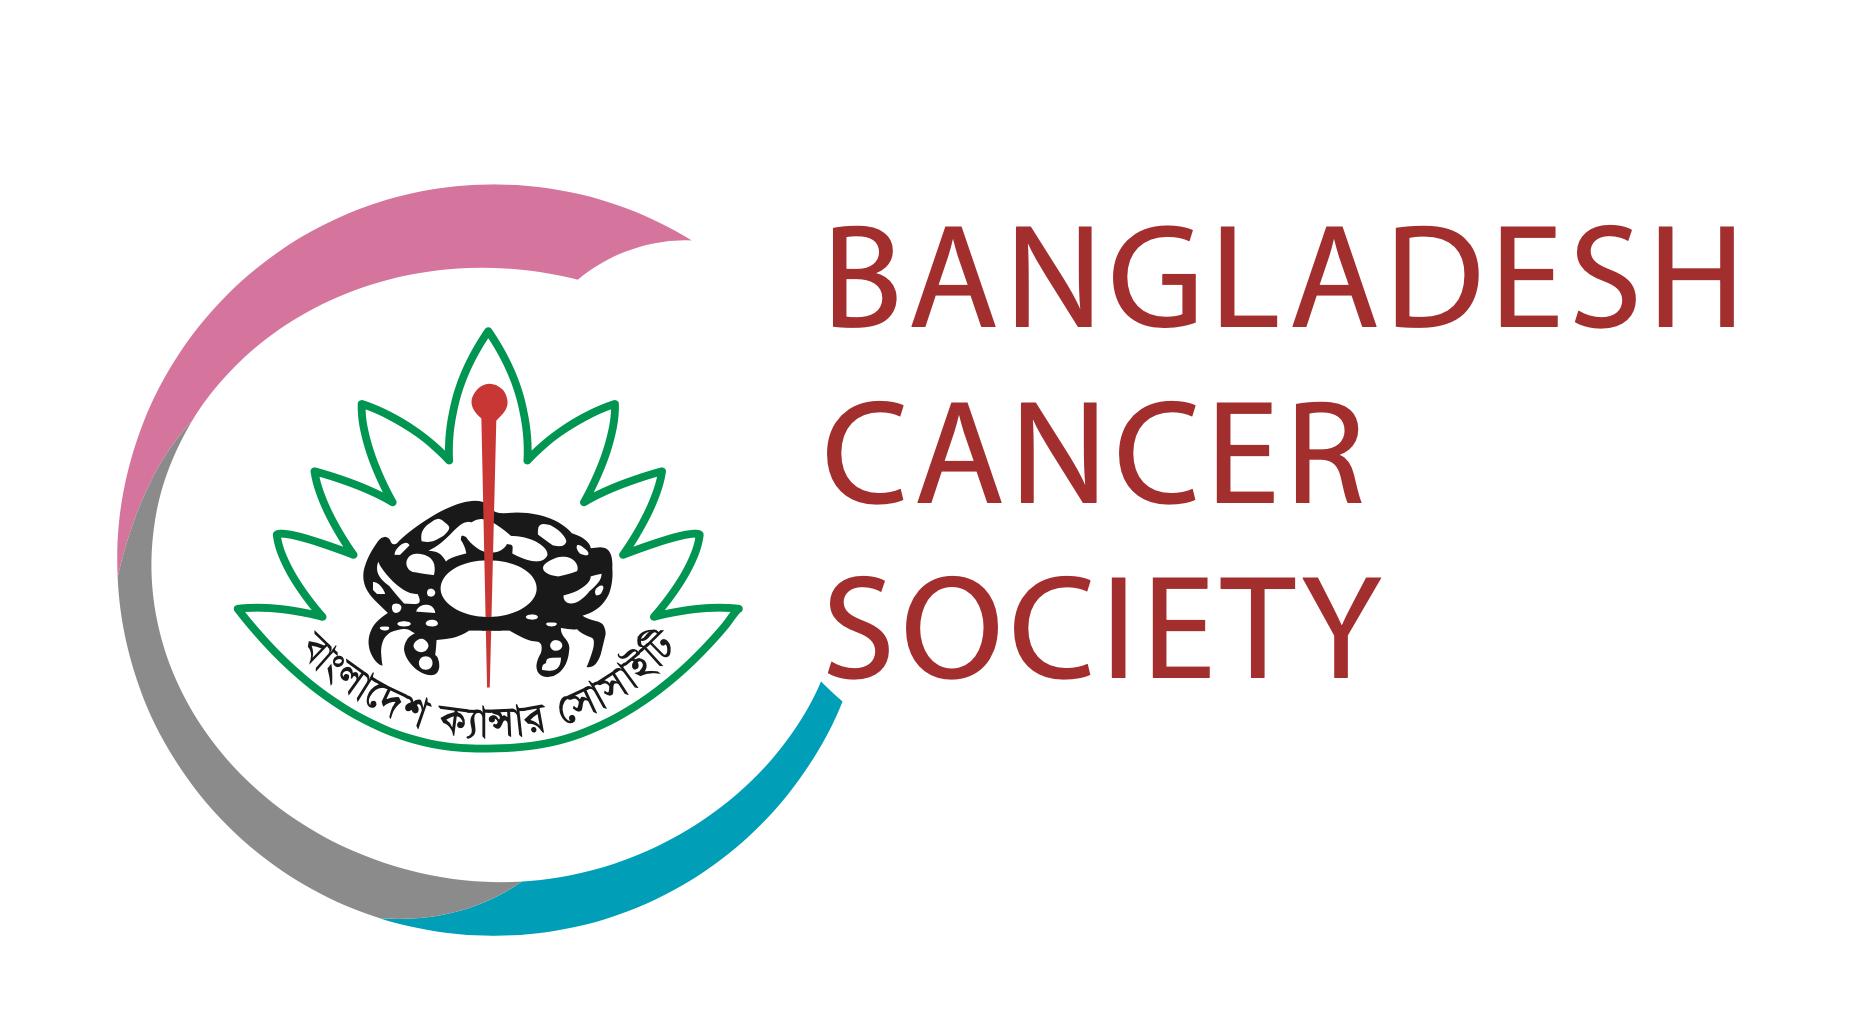 Bangladesh Cancer Society